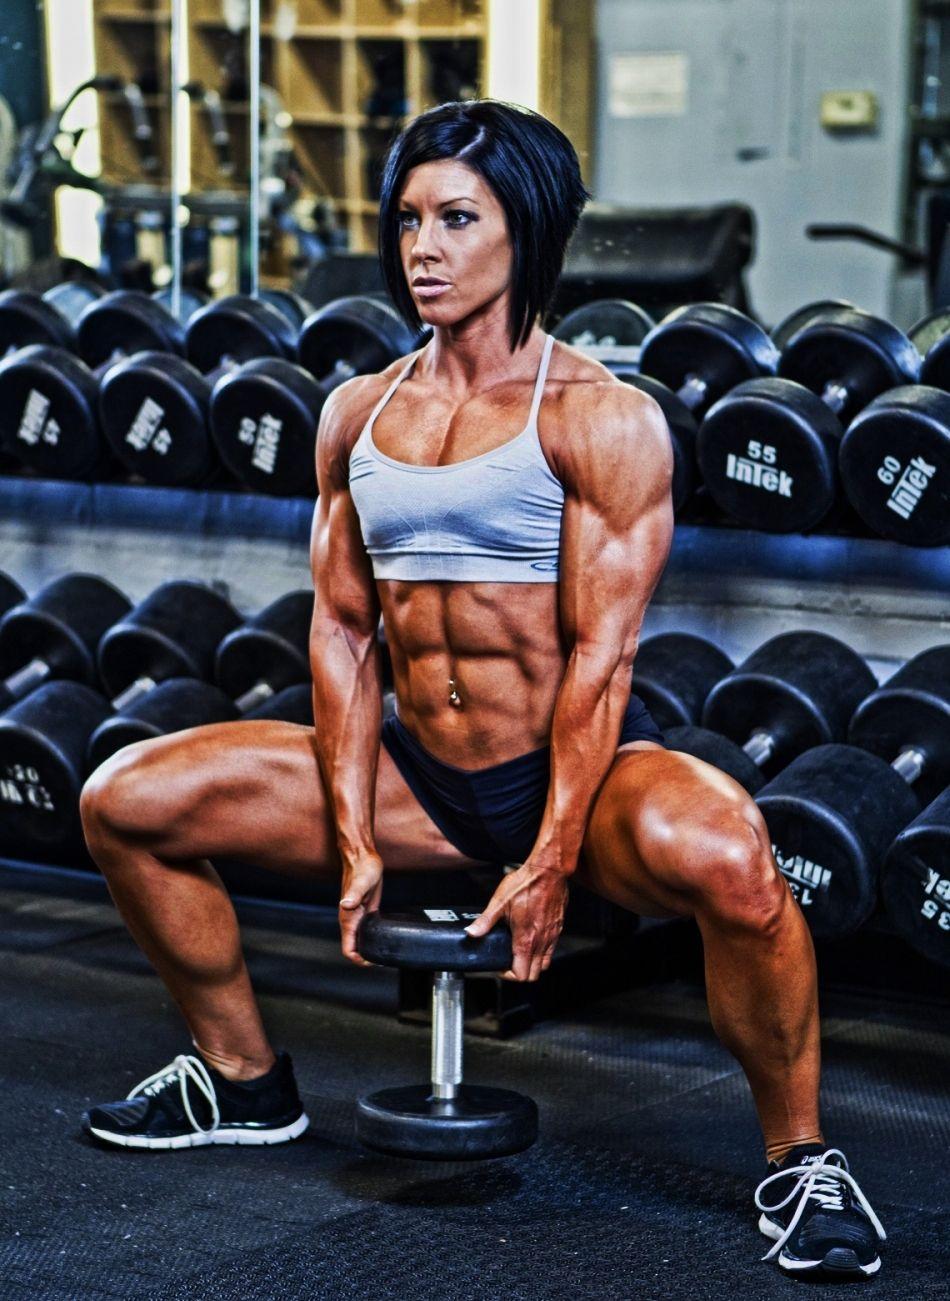 dana linn bailey diet and exercise